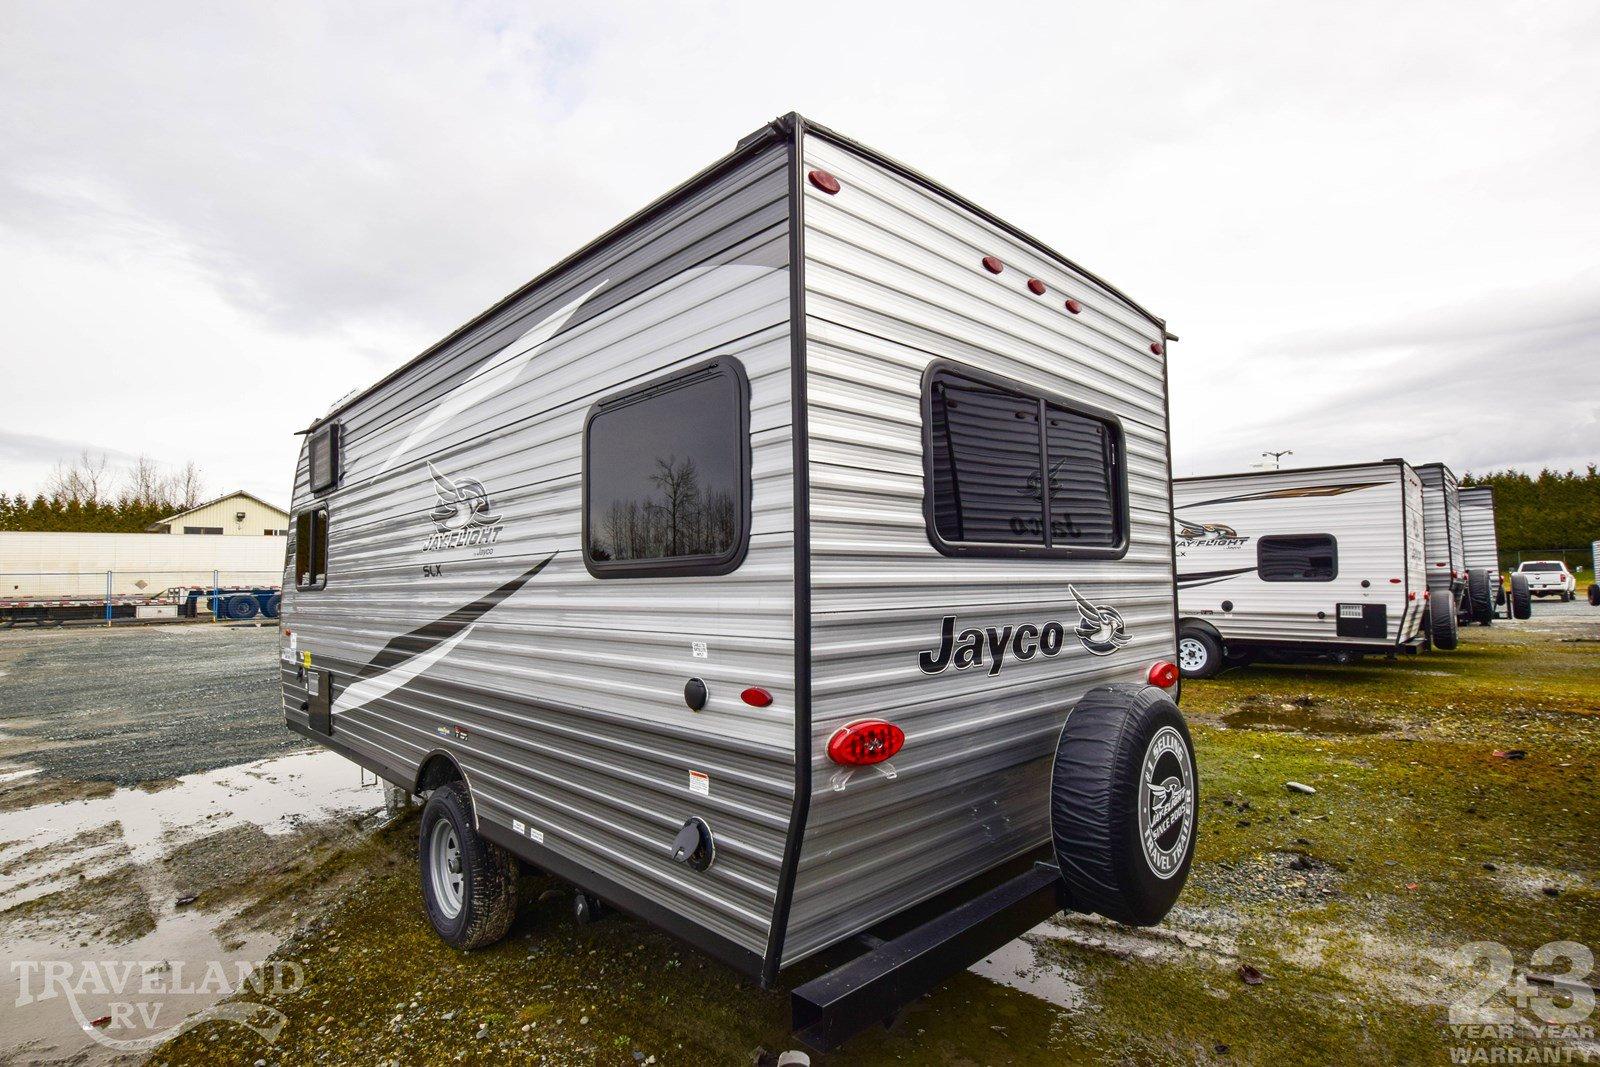 2020 Jayco Jayflight Slx 175RD Thumbnail